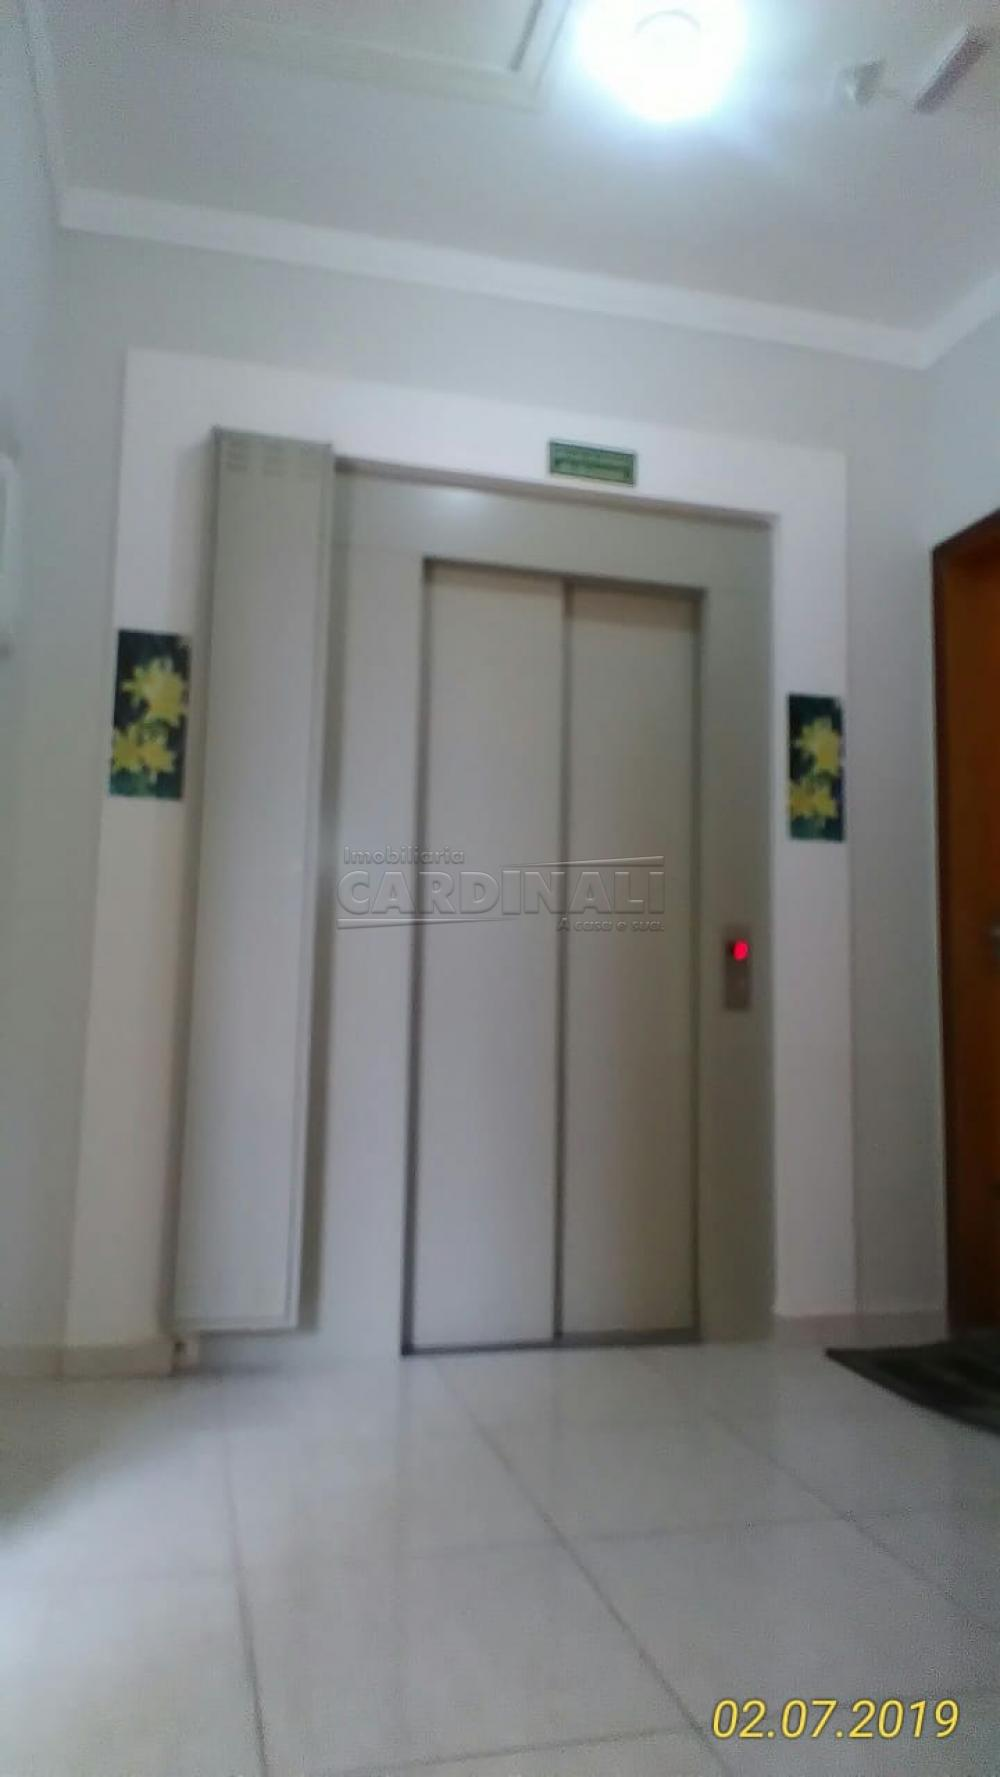 Alugar Apartamento / Padrão em São Carlos apenas R$ 900,00 - Foto 2